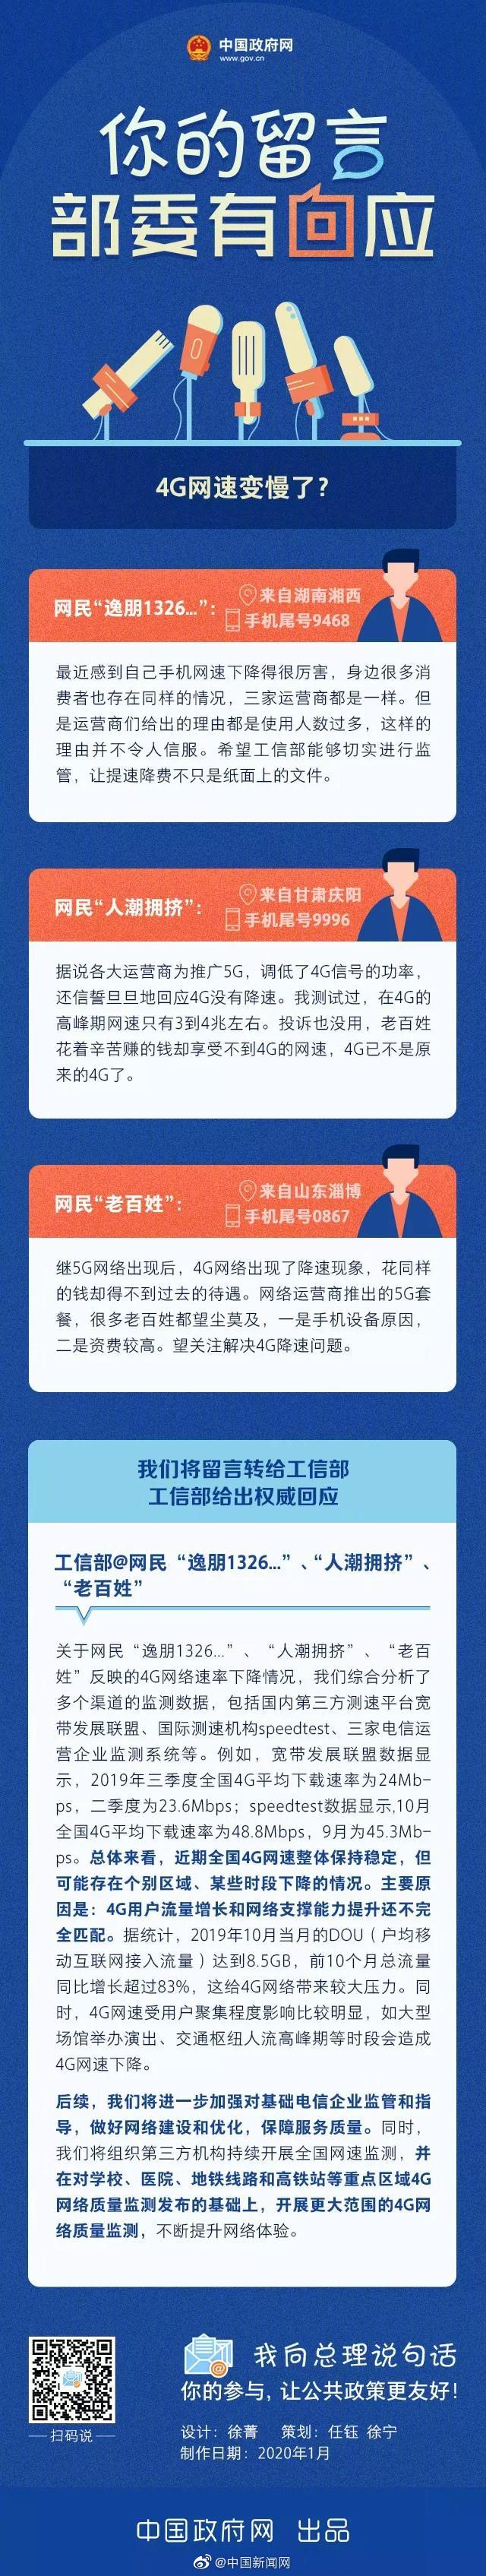 上海seo优化外包公司_工信部回应4G网速变慢:或存在个体区域下降的情形